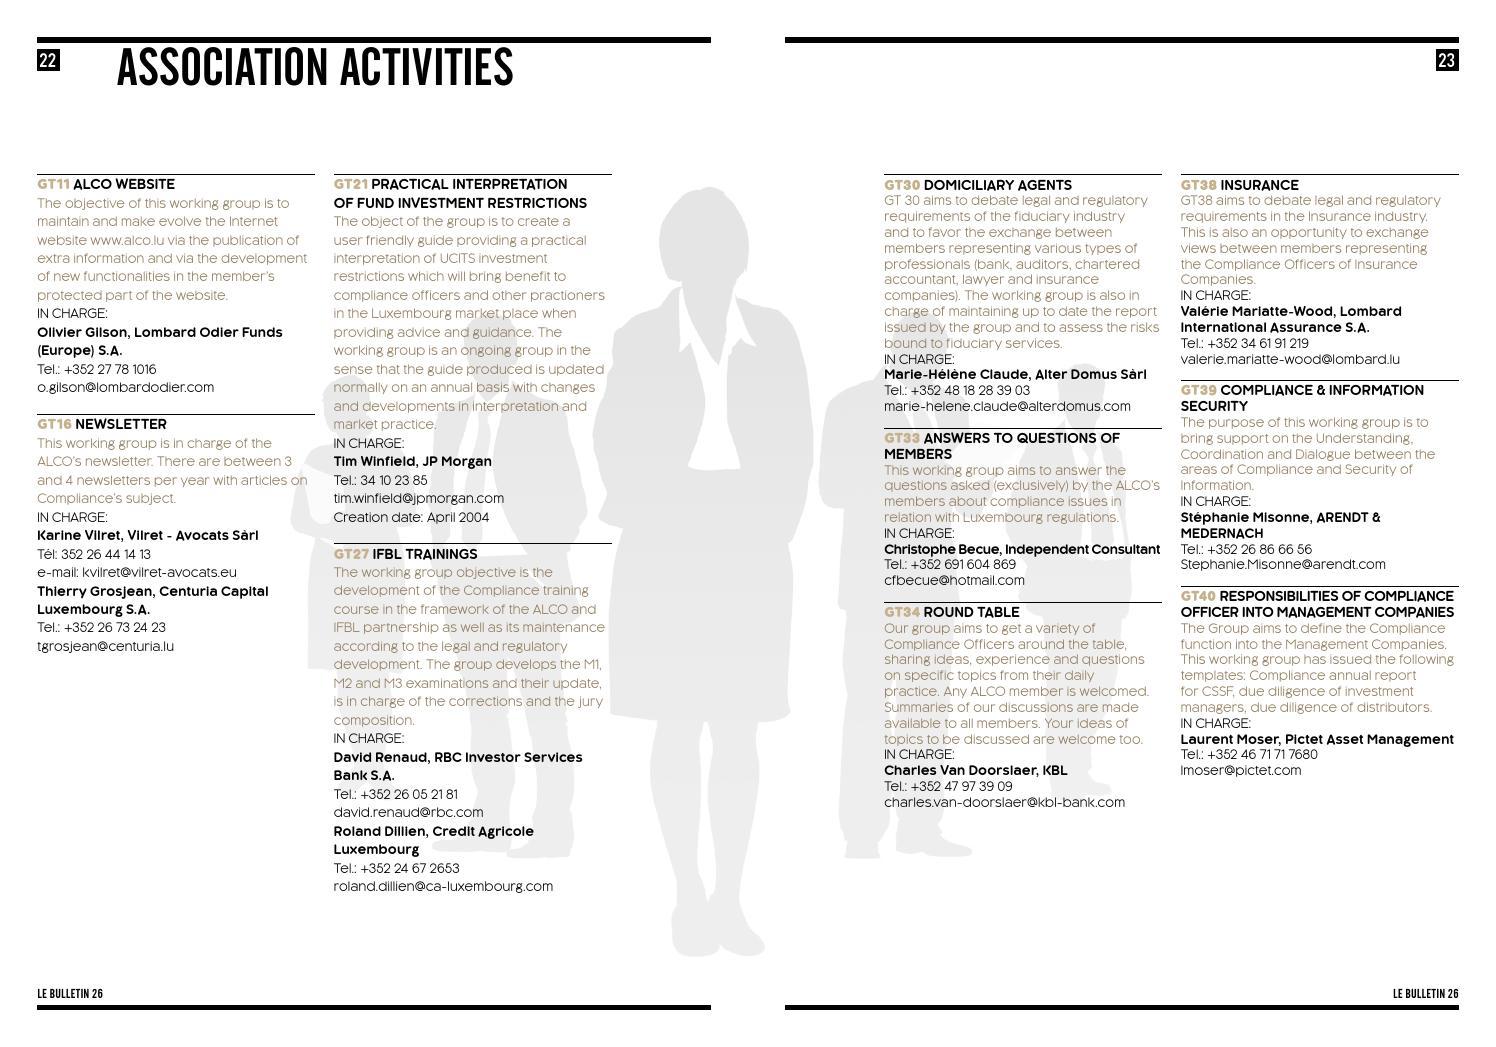 Fein Entry Level Asset Management Zusammenfassung Galerie - Bilder ...